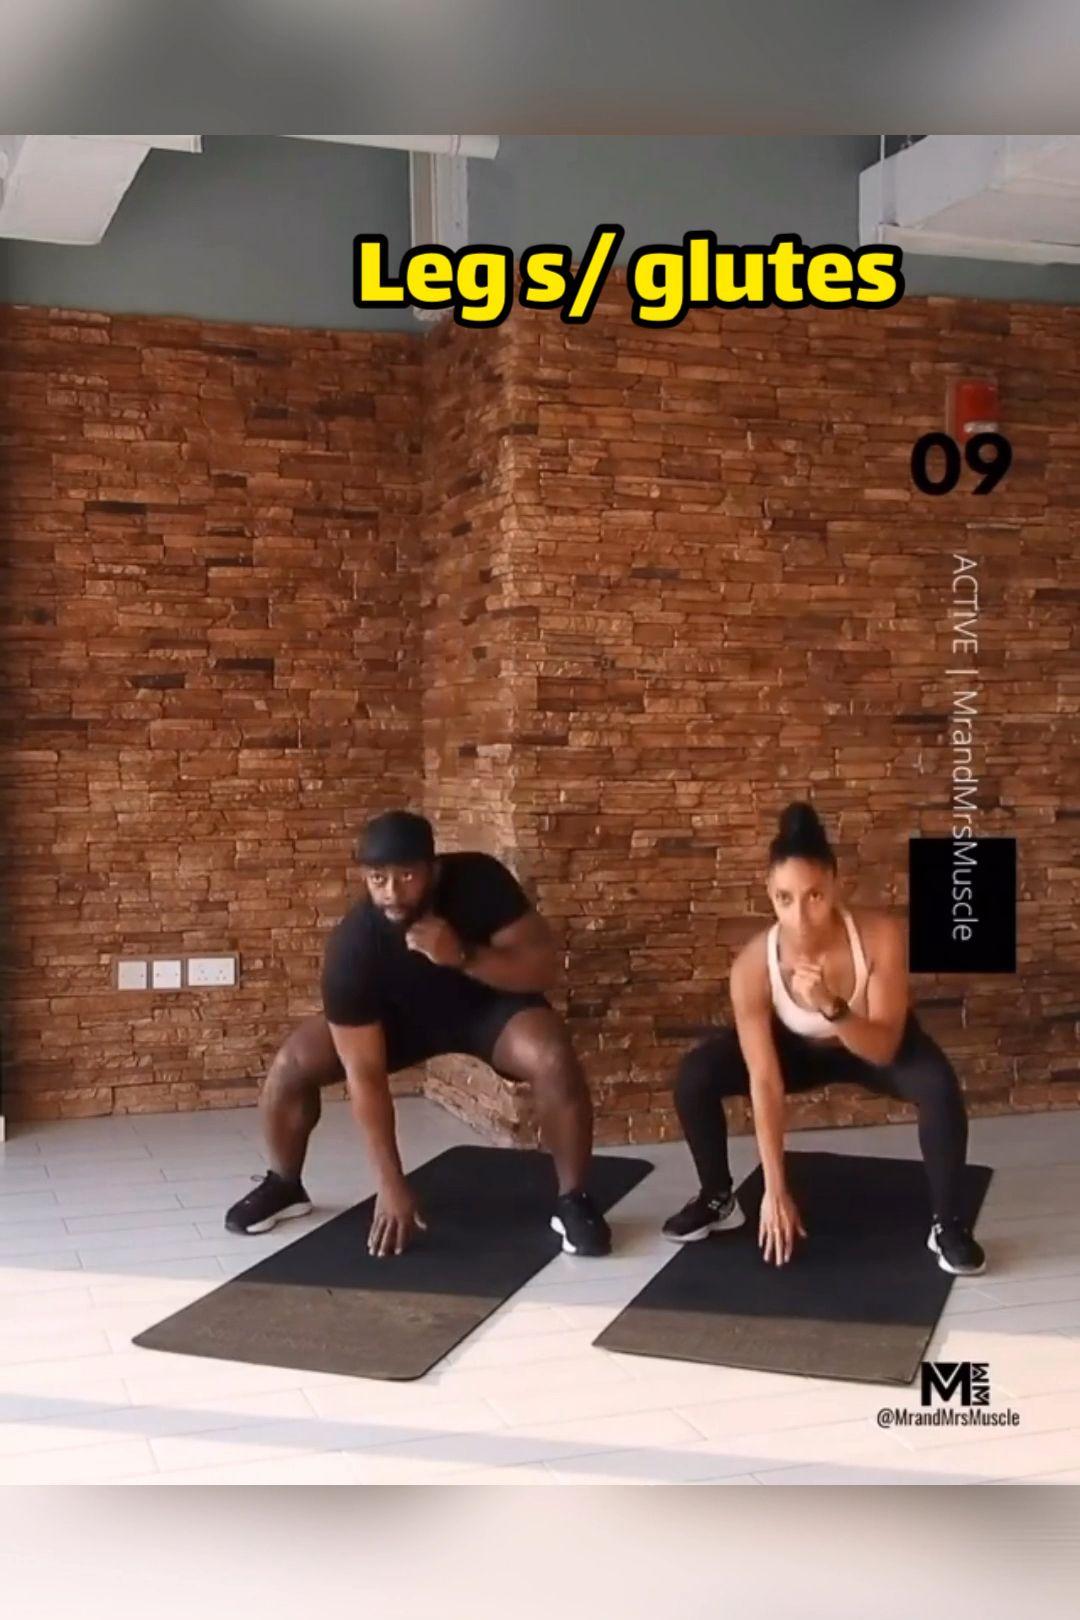 ١٠ دقائق تمارين هييت hitt workout حرق دهون الجسم